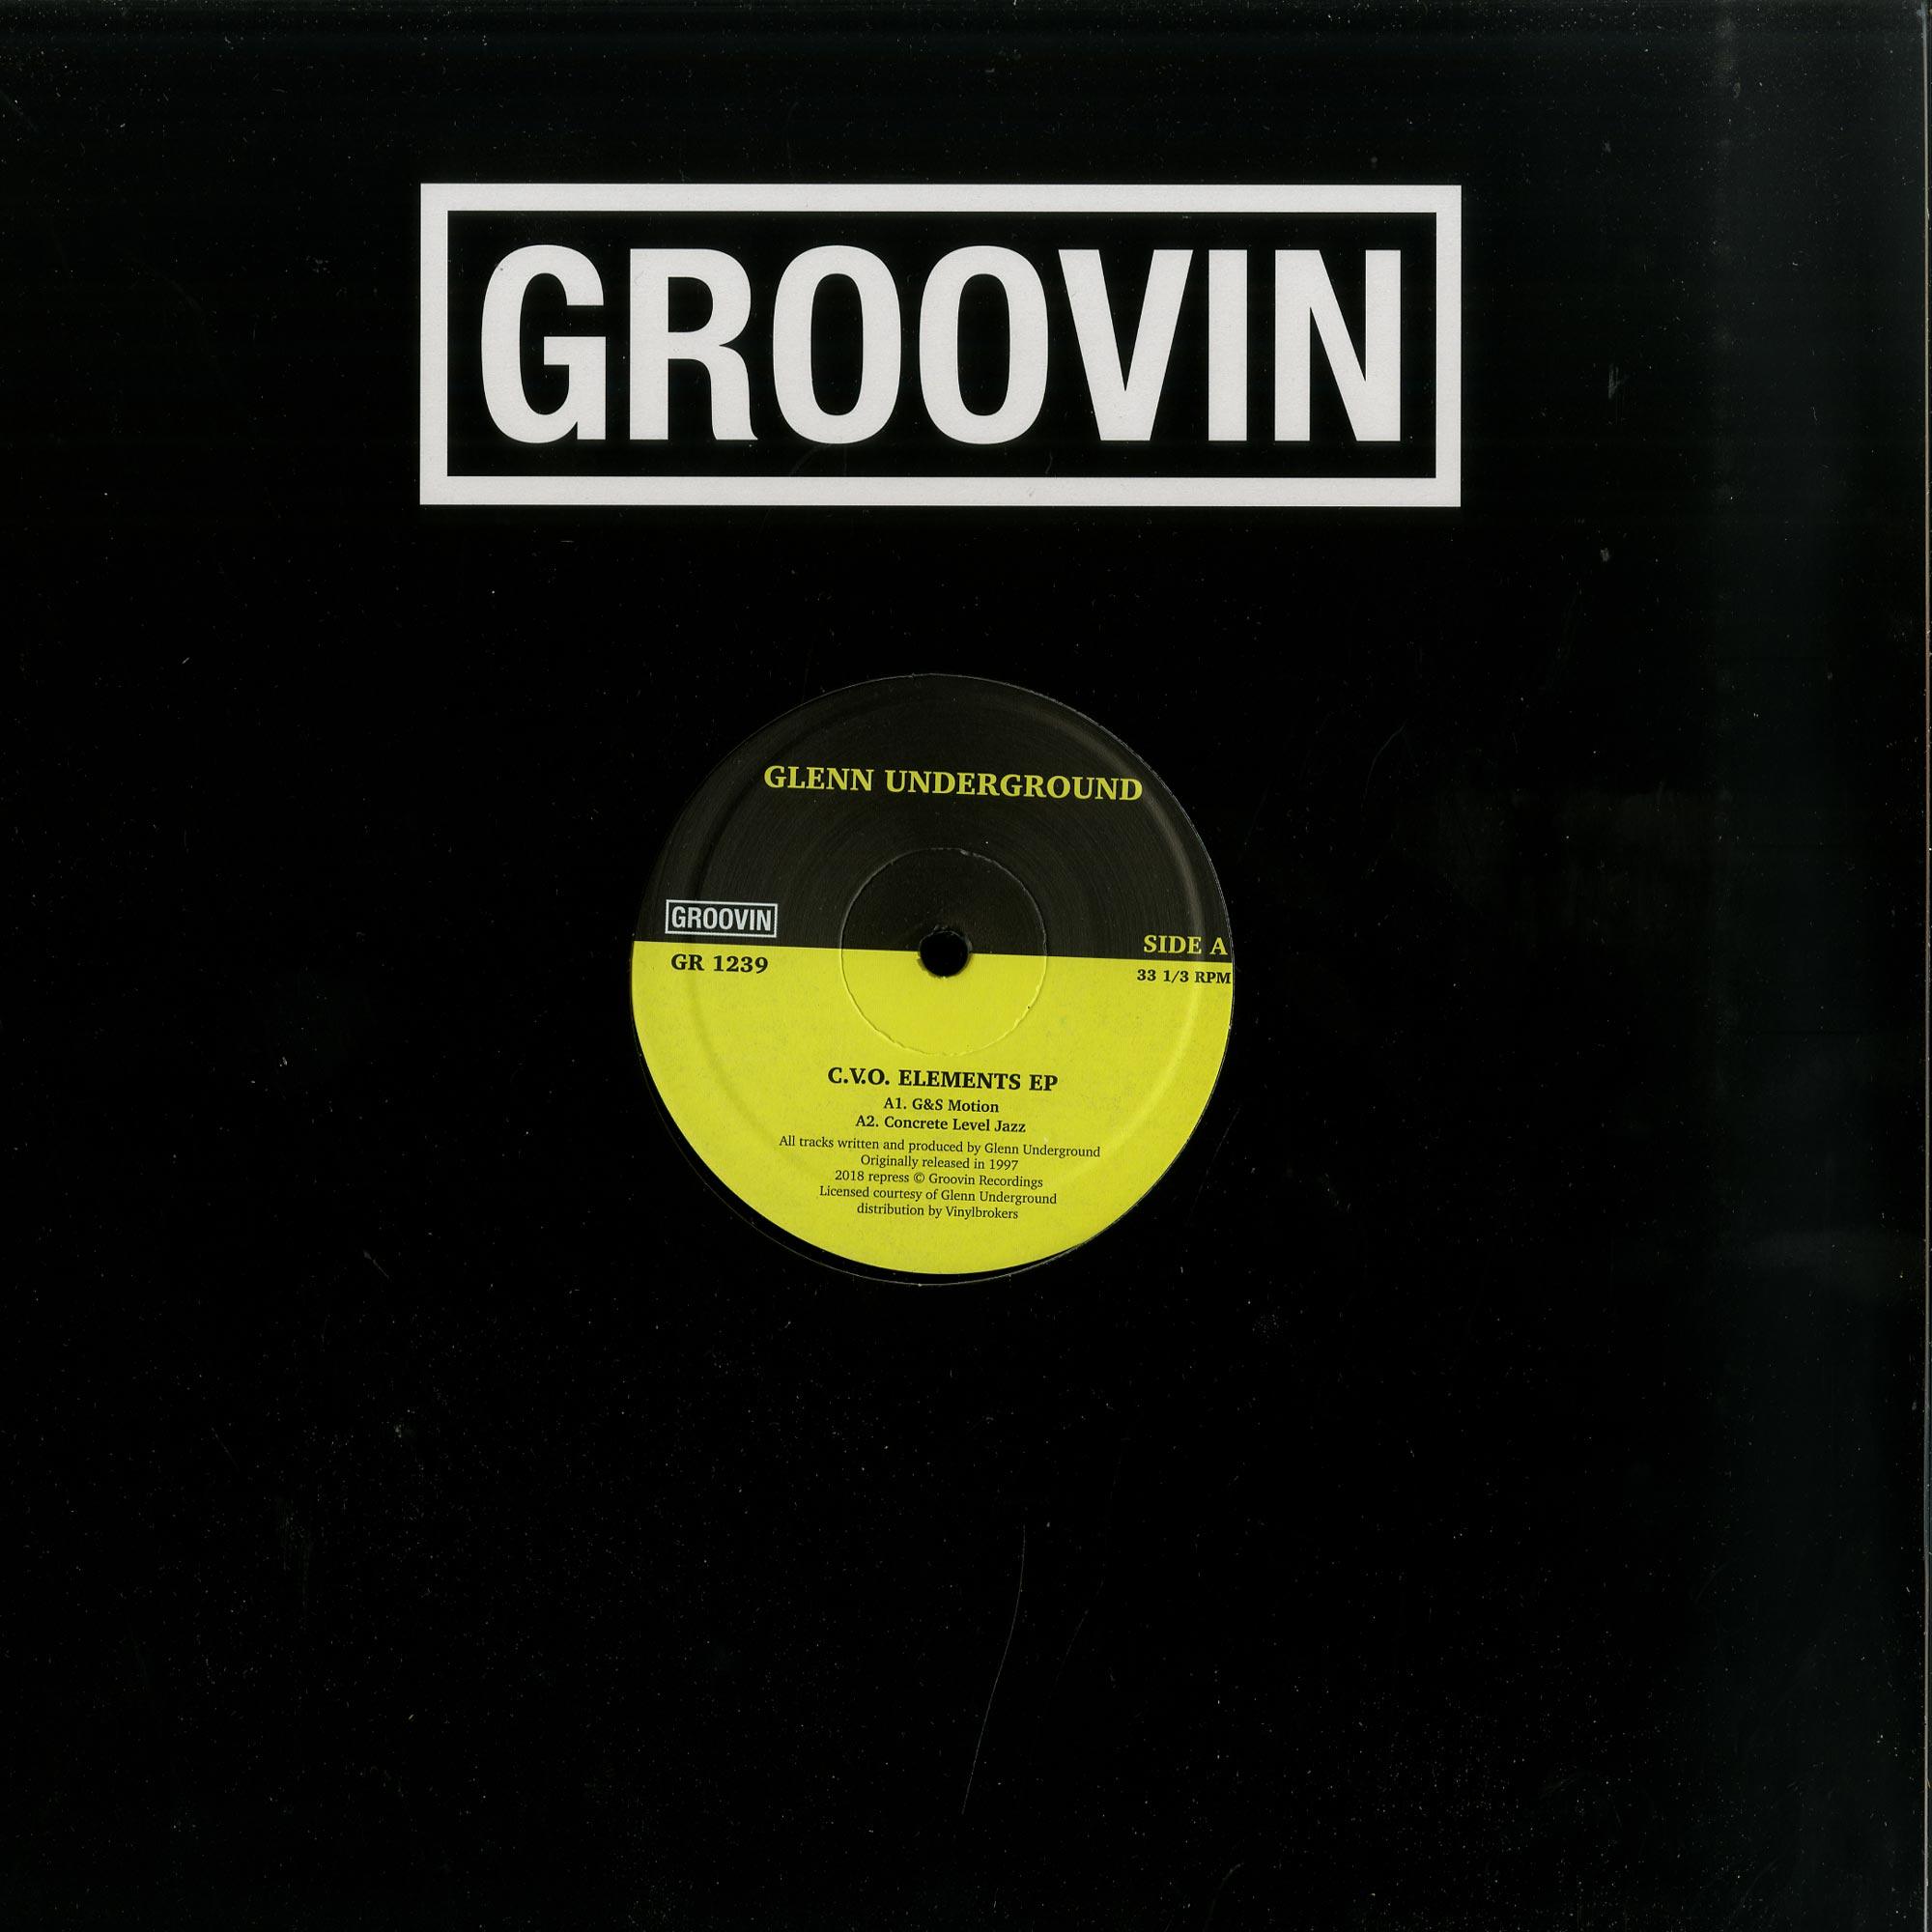 Glenn Underground - C.V.O. ELEMENTS EP